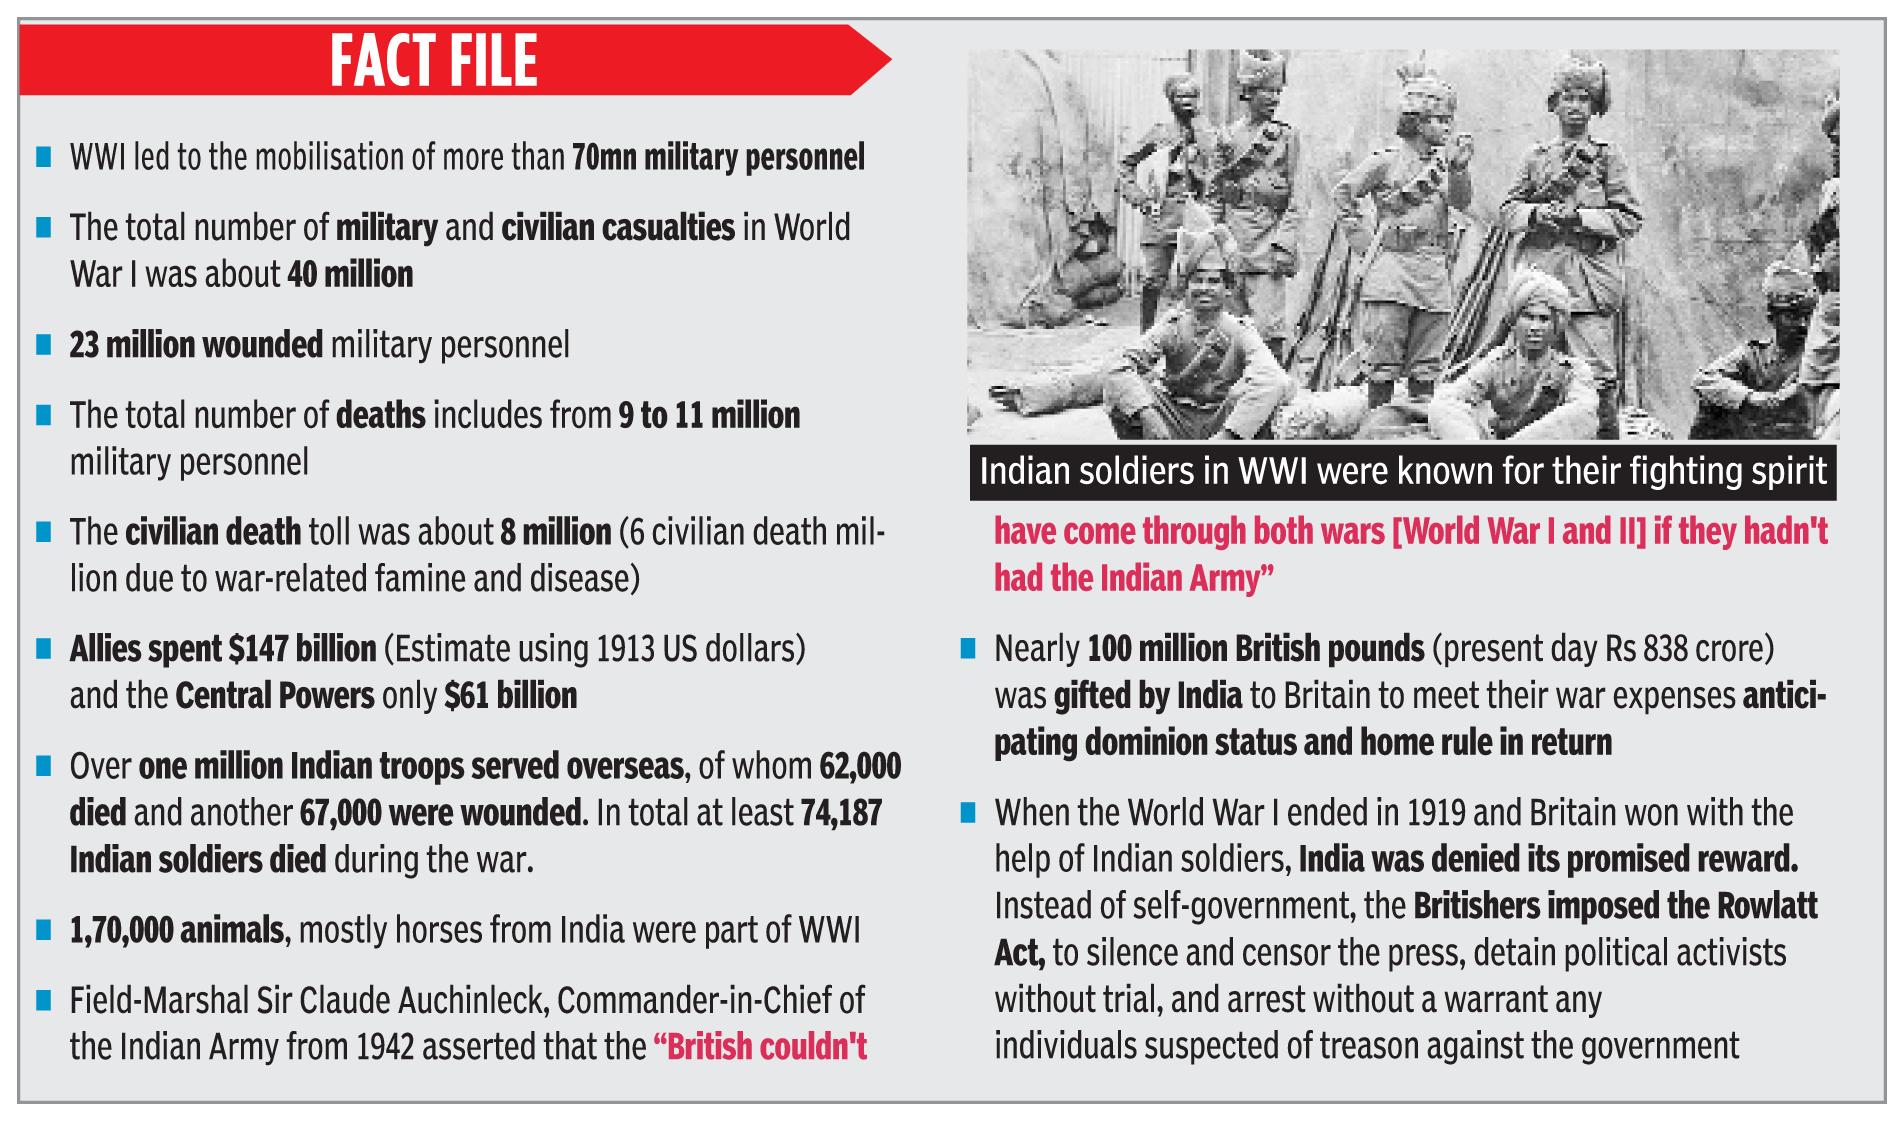 WWI Impact on India